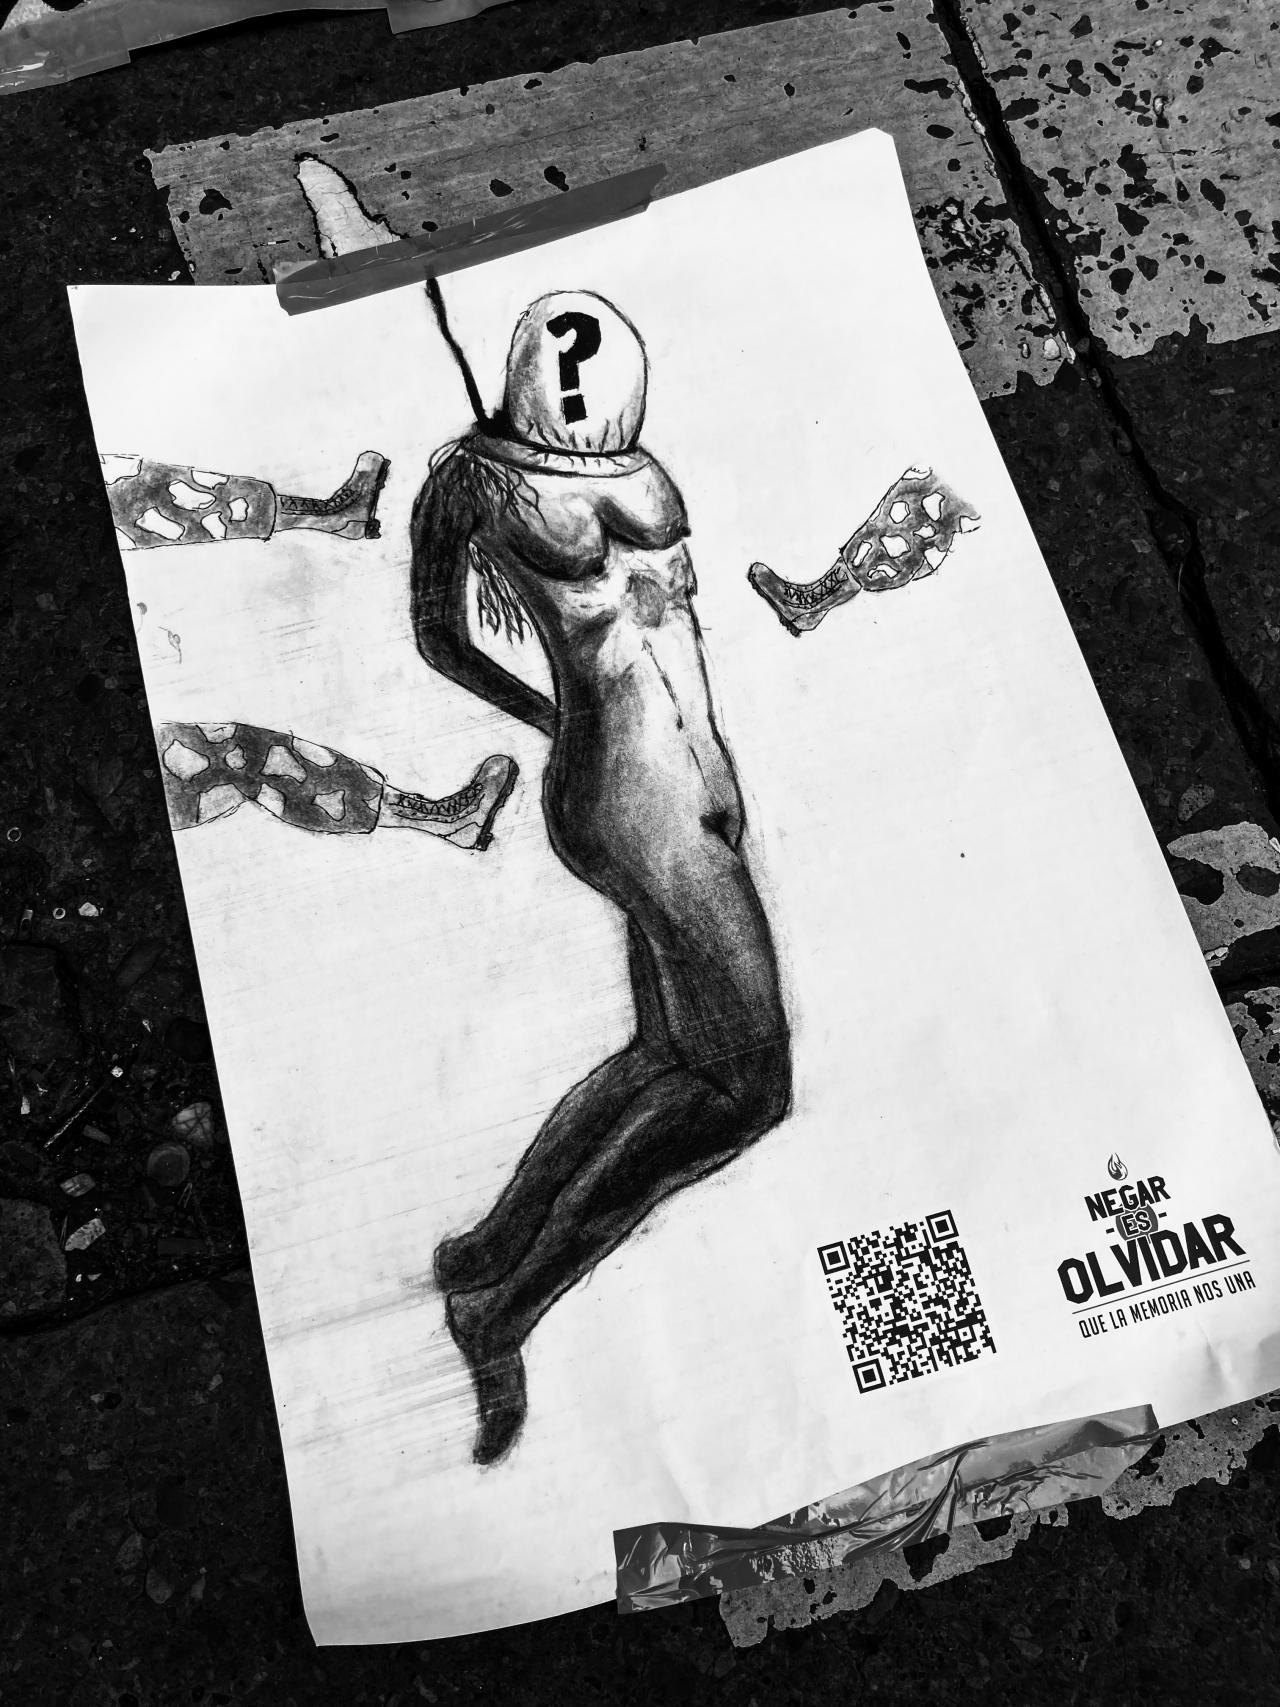 La denuncia pública del acoso sexual es una manera de hacer justicia, incluso desde el uso de las redes sociales